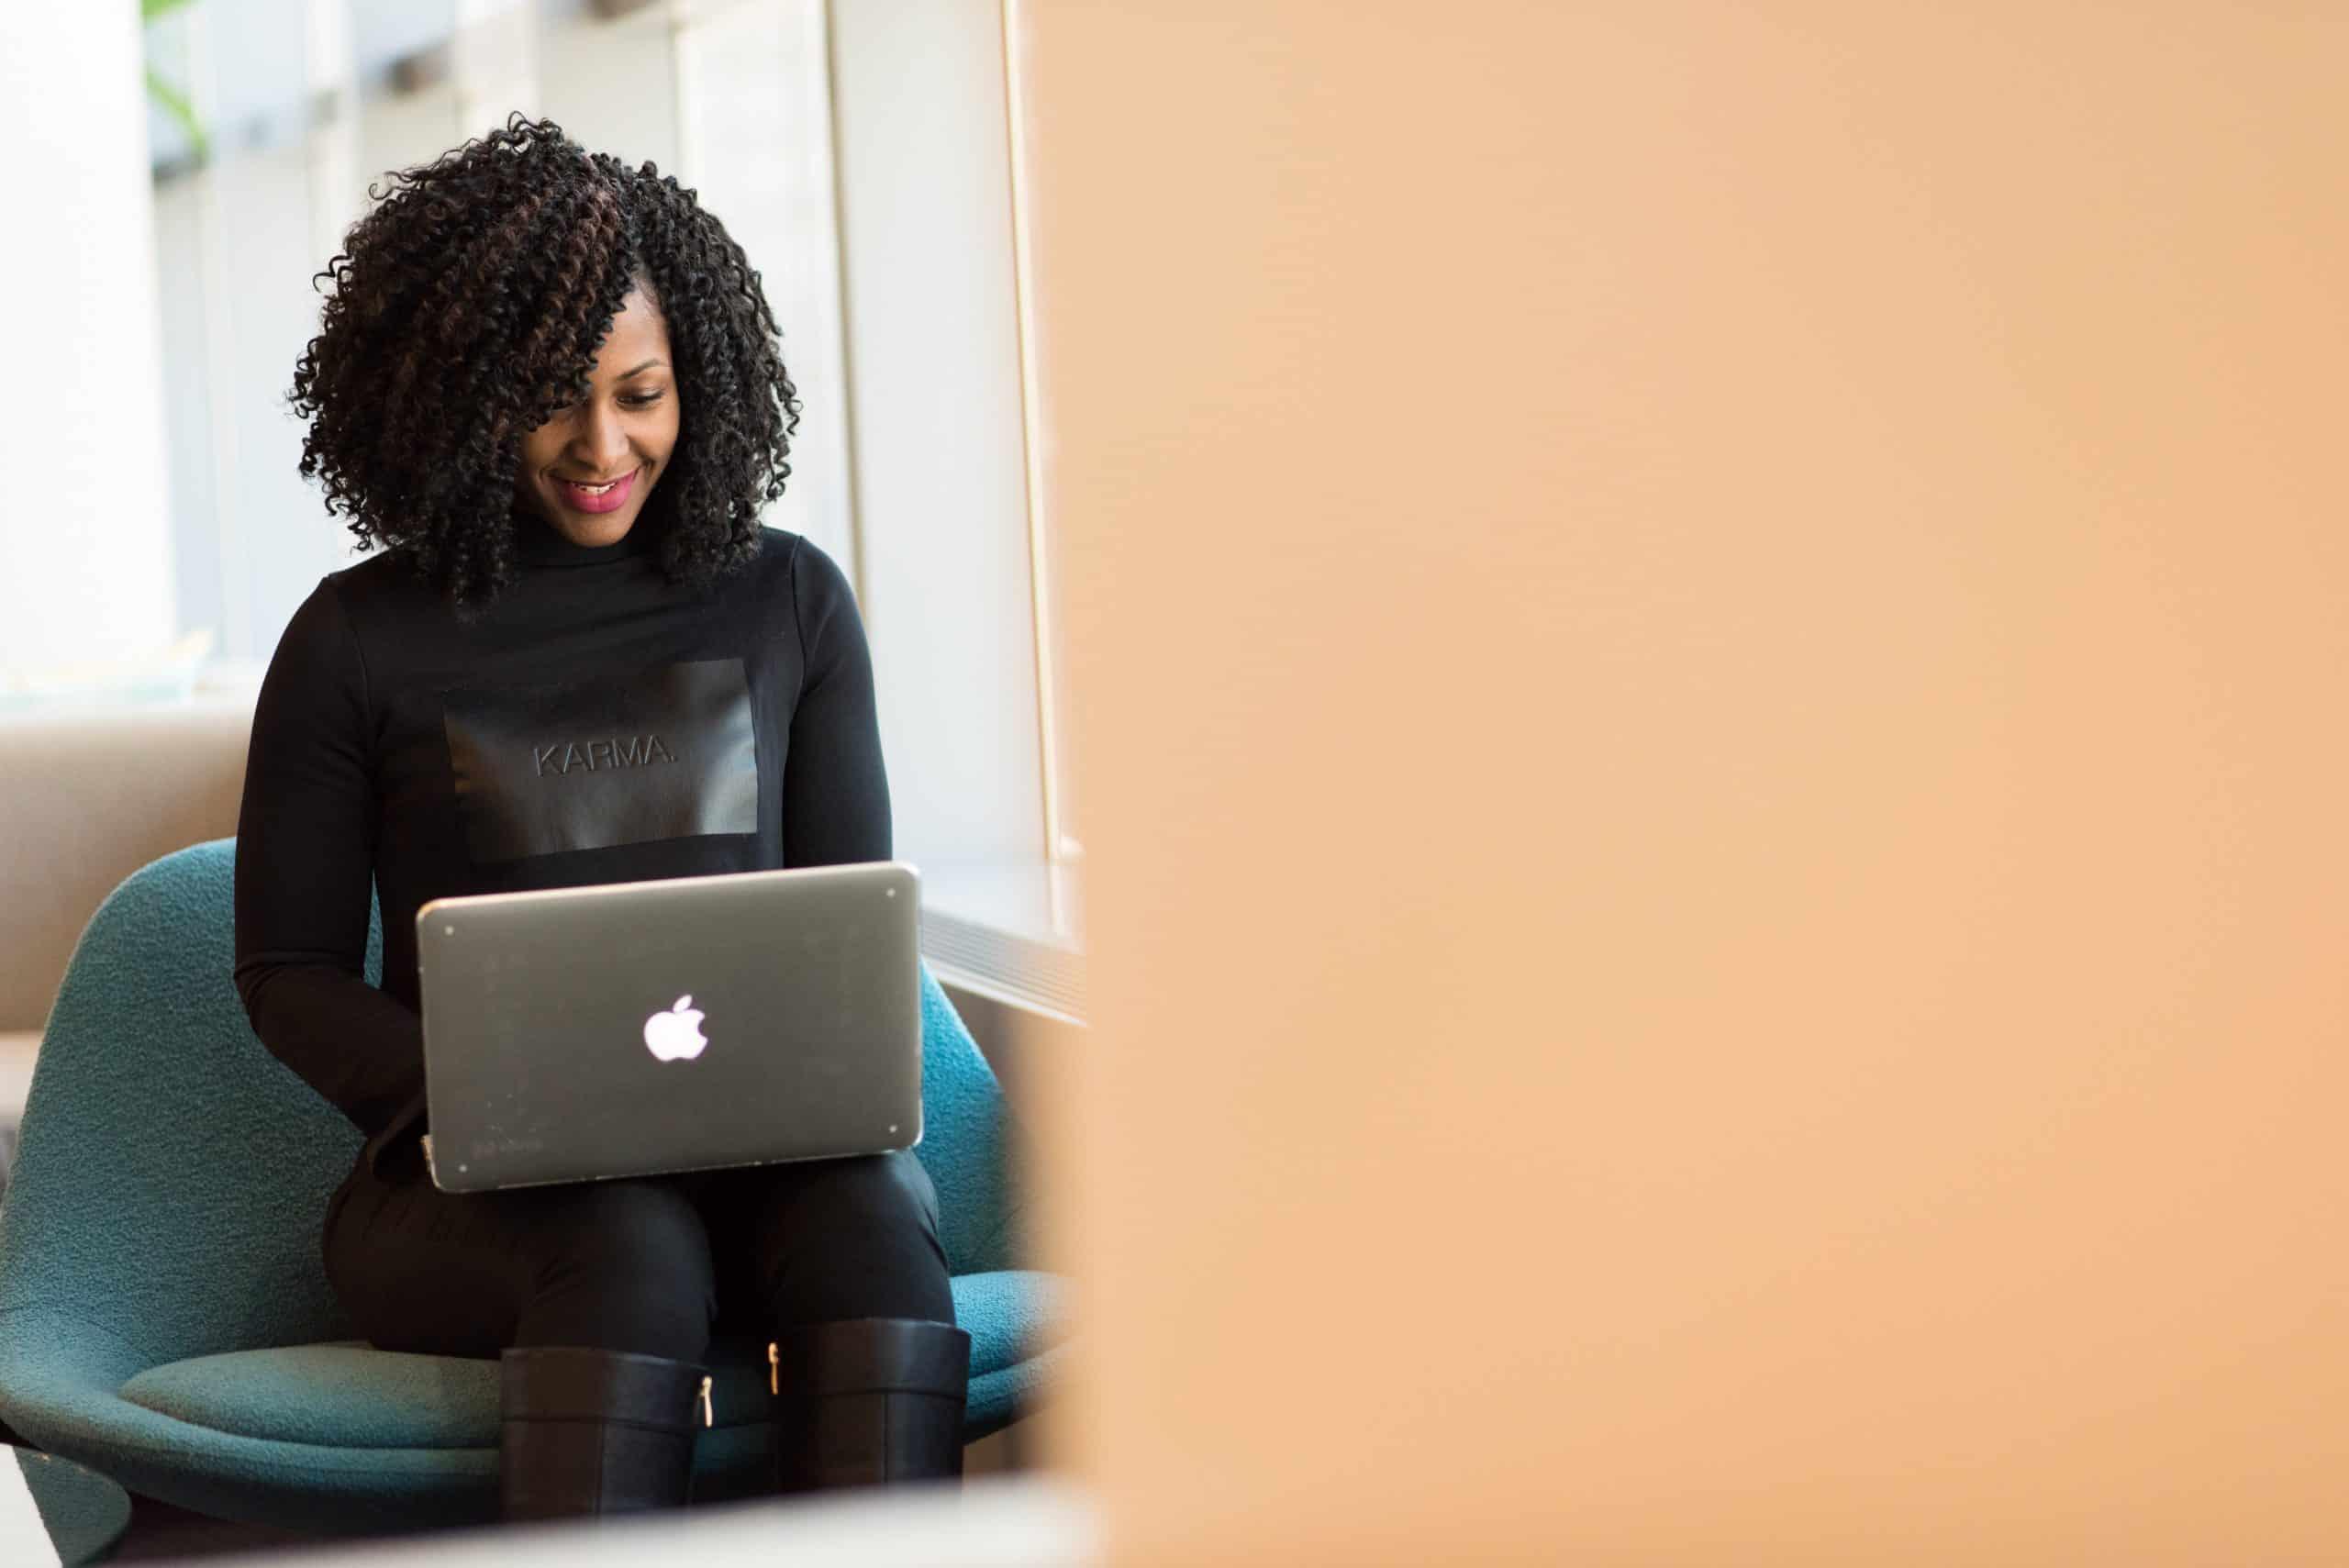 Pesquisa afirma que mulheres como líderes sabem lidar melhor com momentos de CRISES